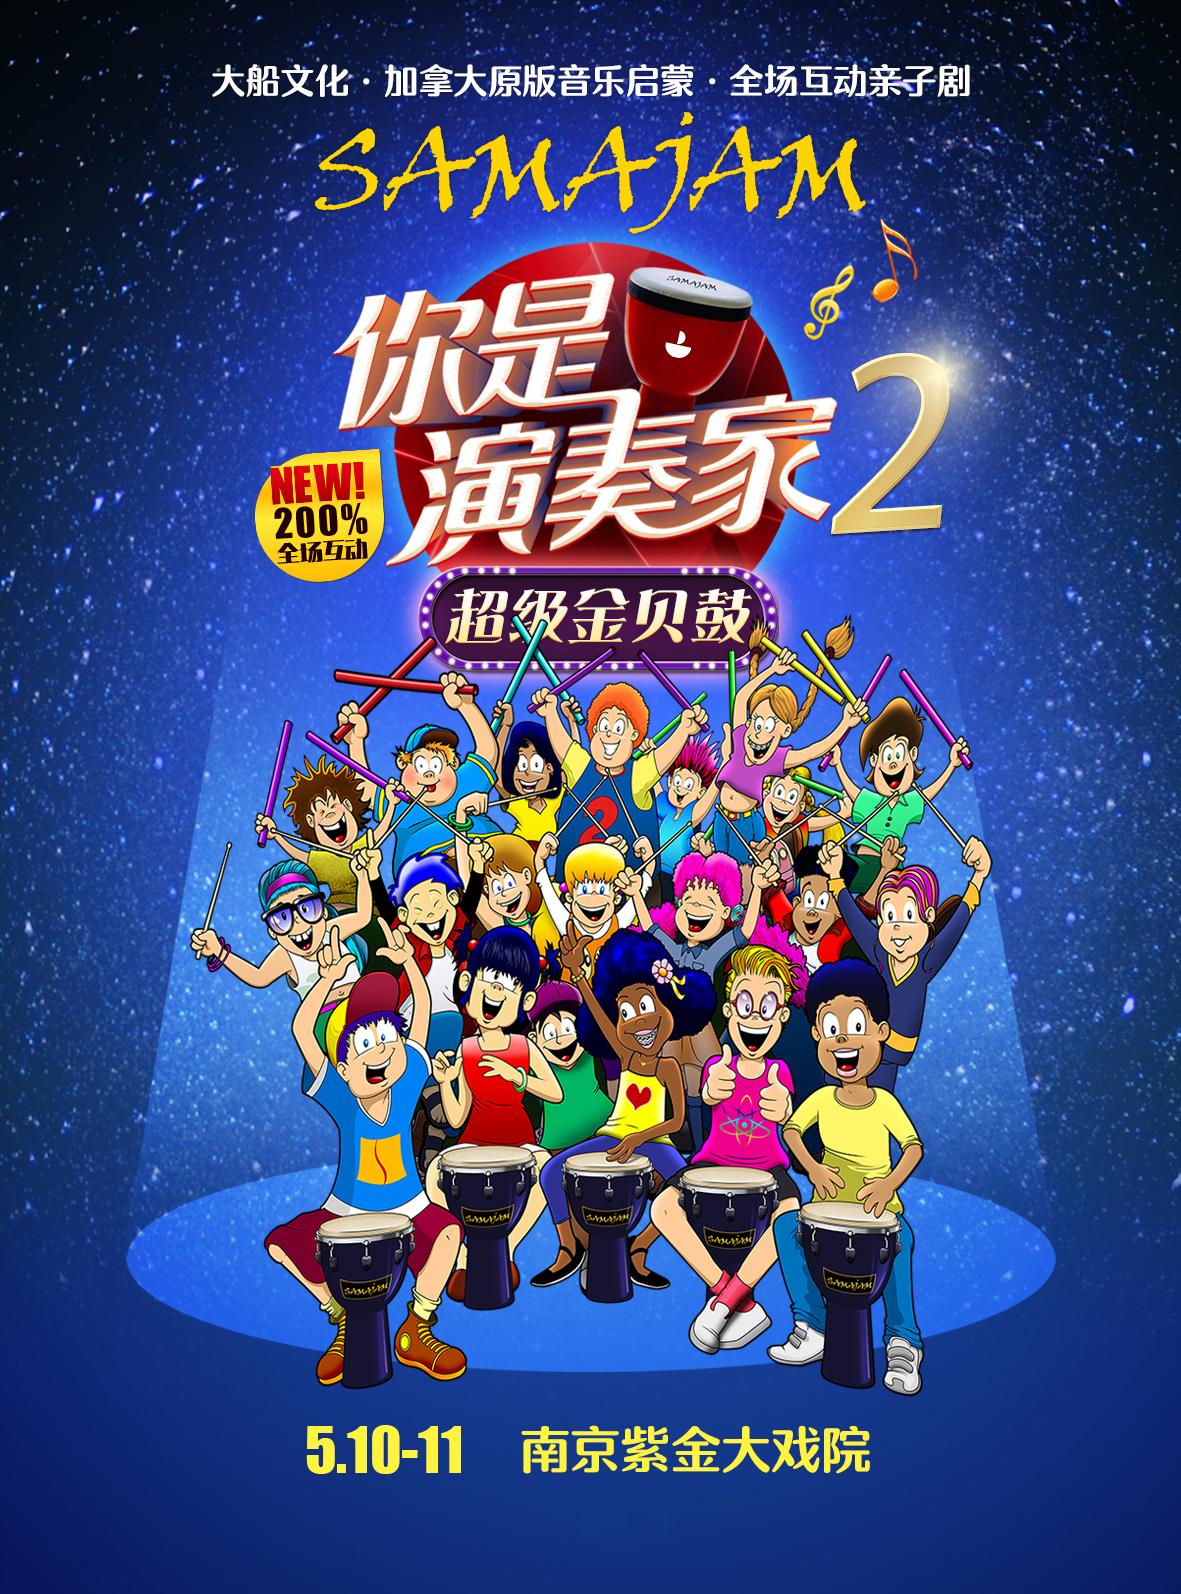 加拿大全场互动亲子剧《你是演奏家2超级金贝鼓》南京站